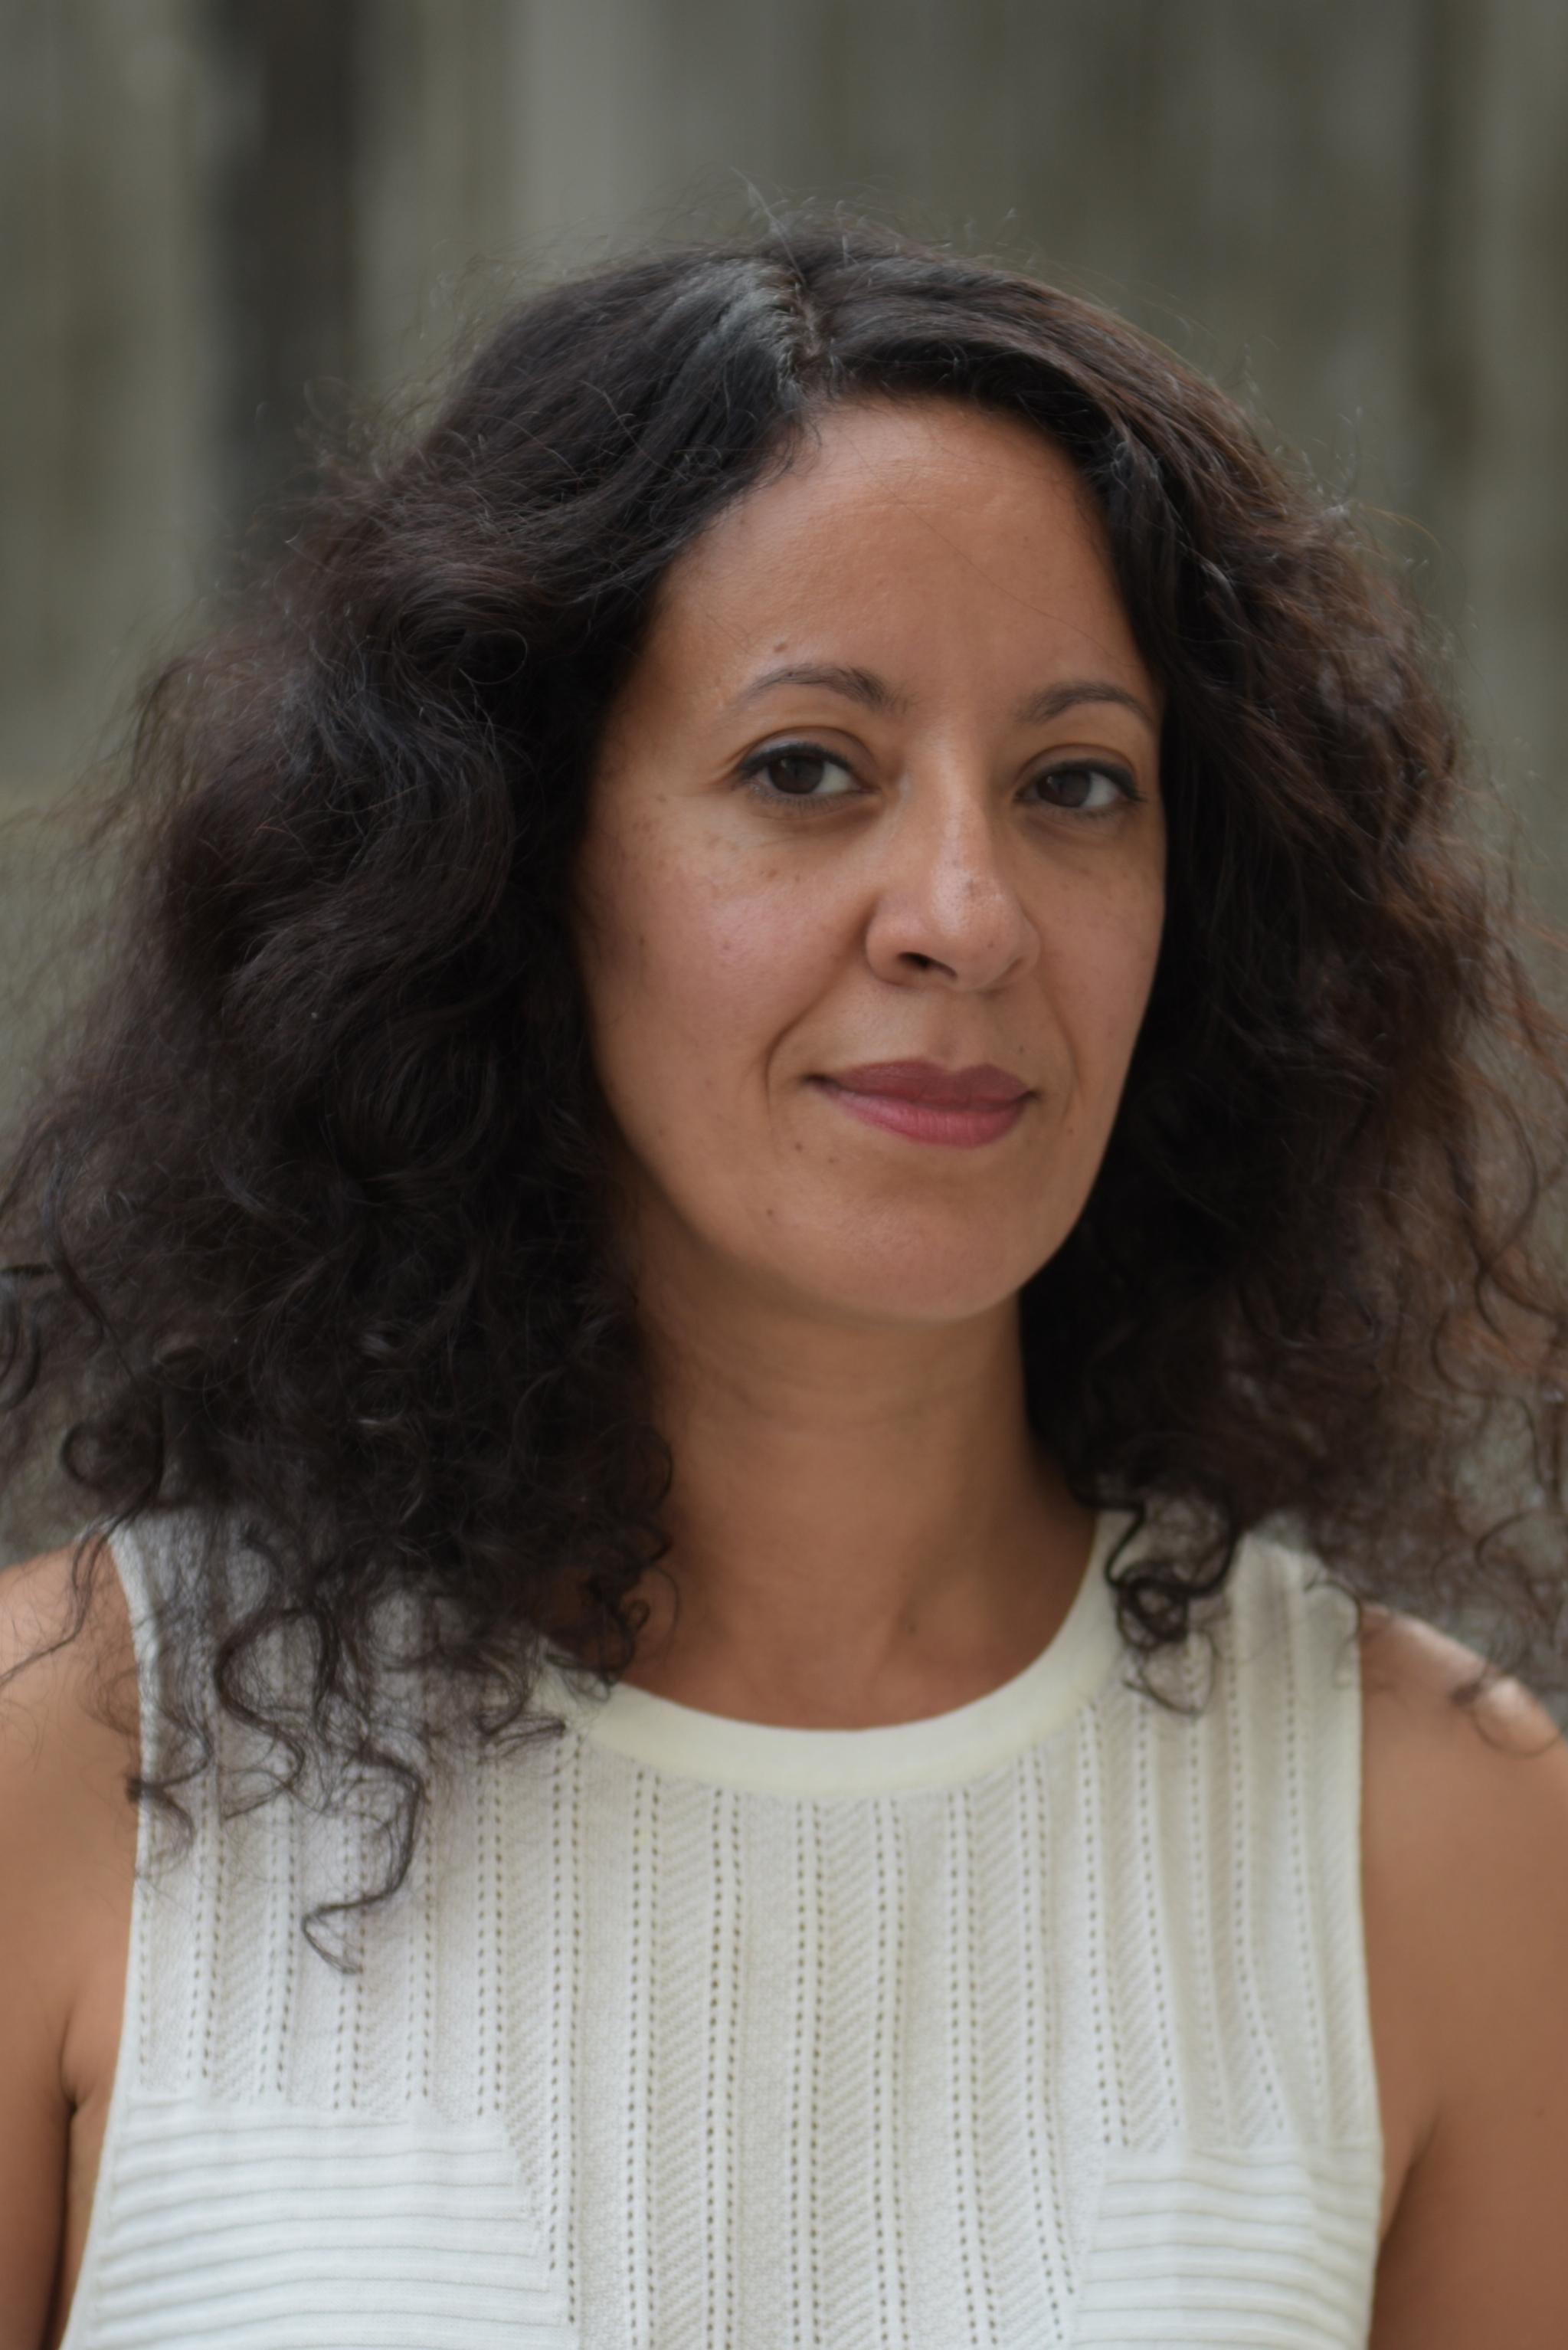 Mouna Belghali